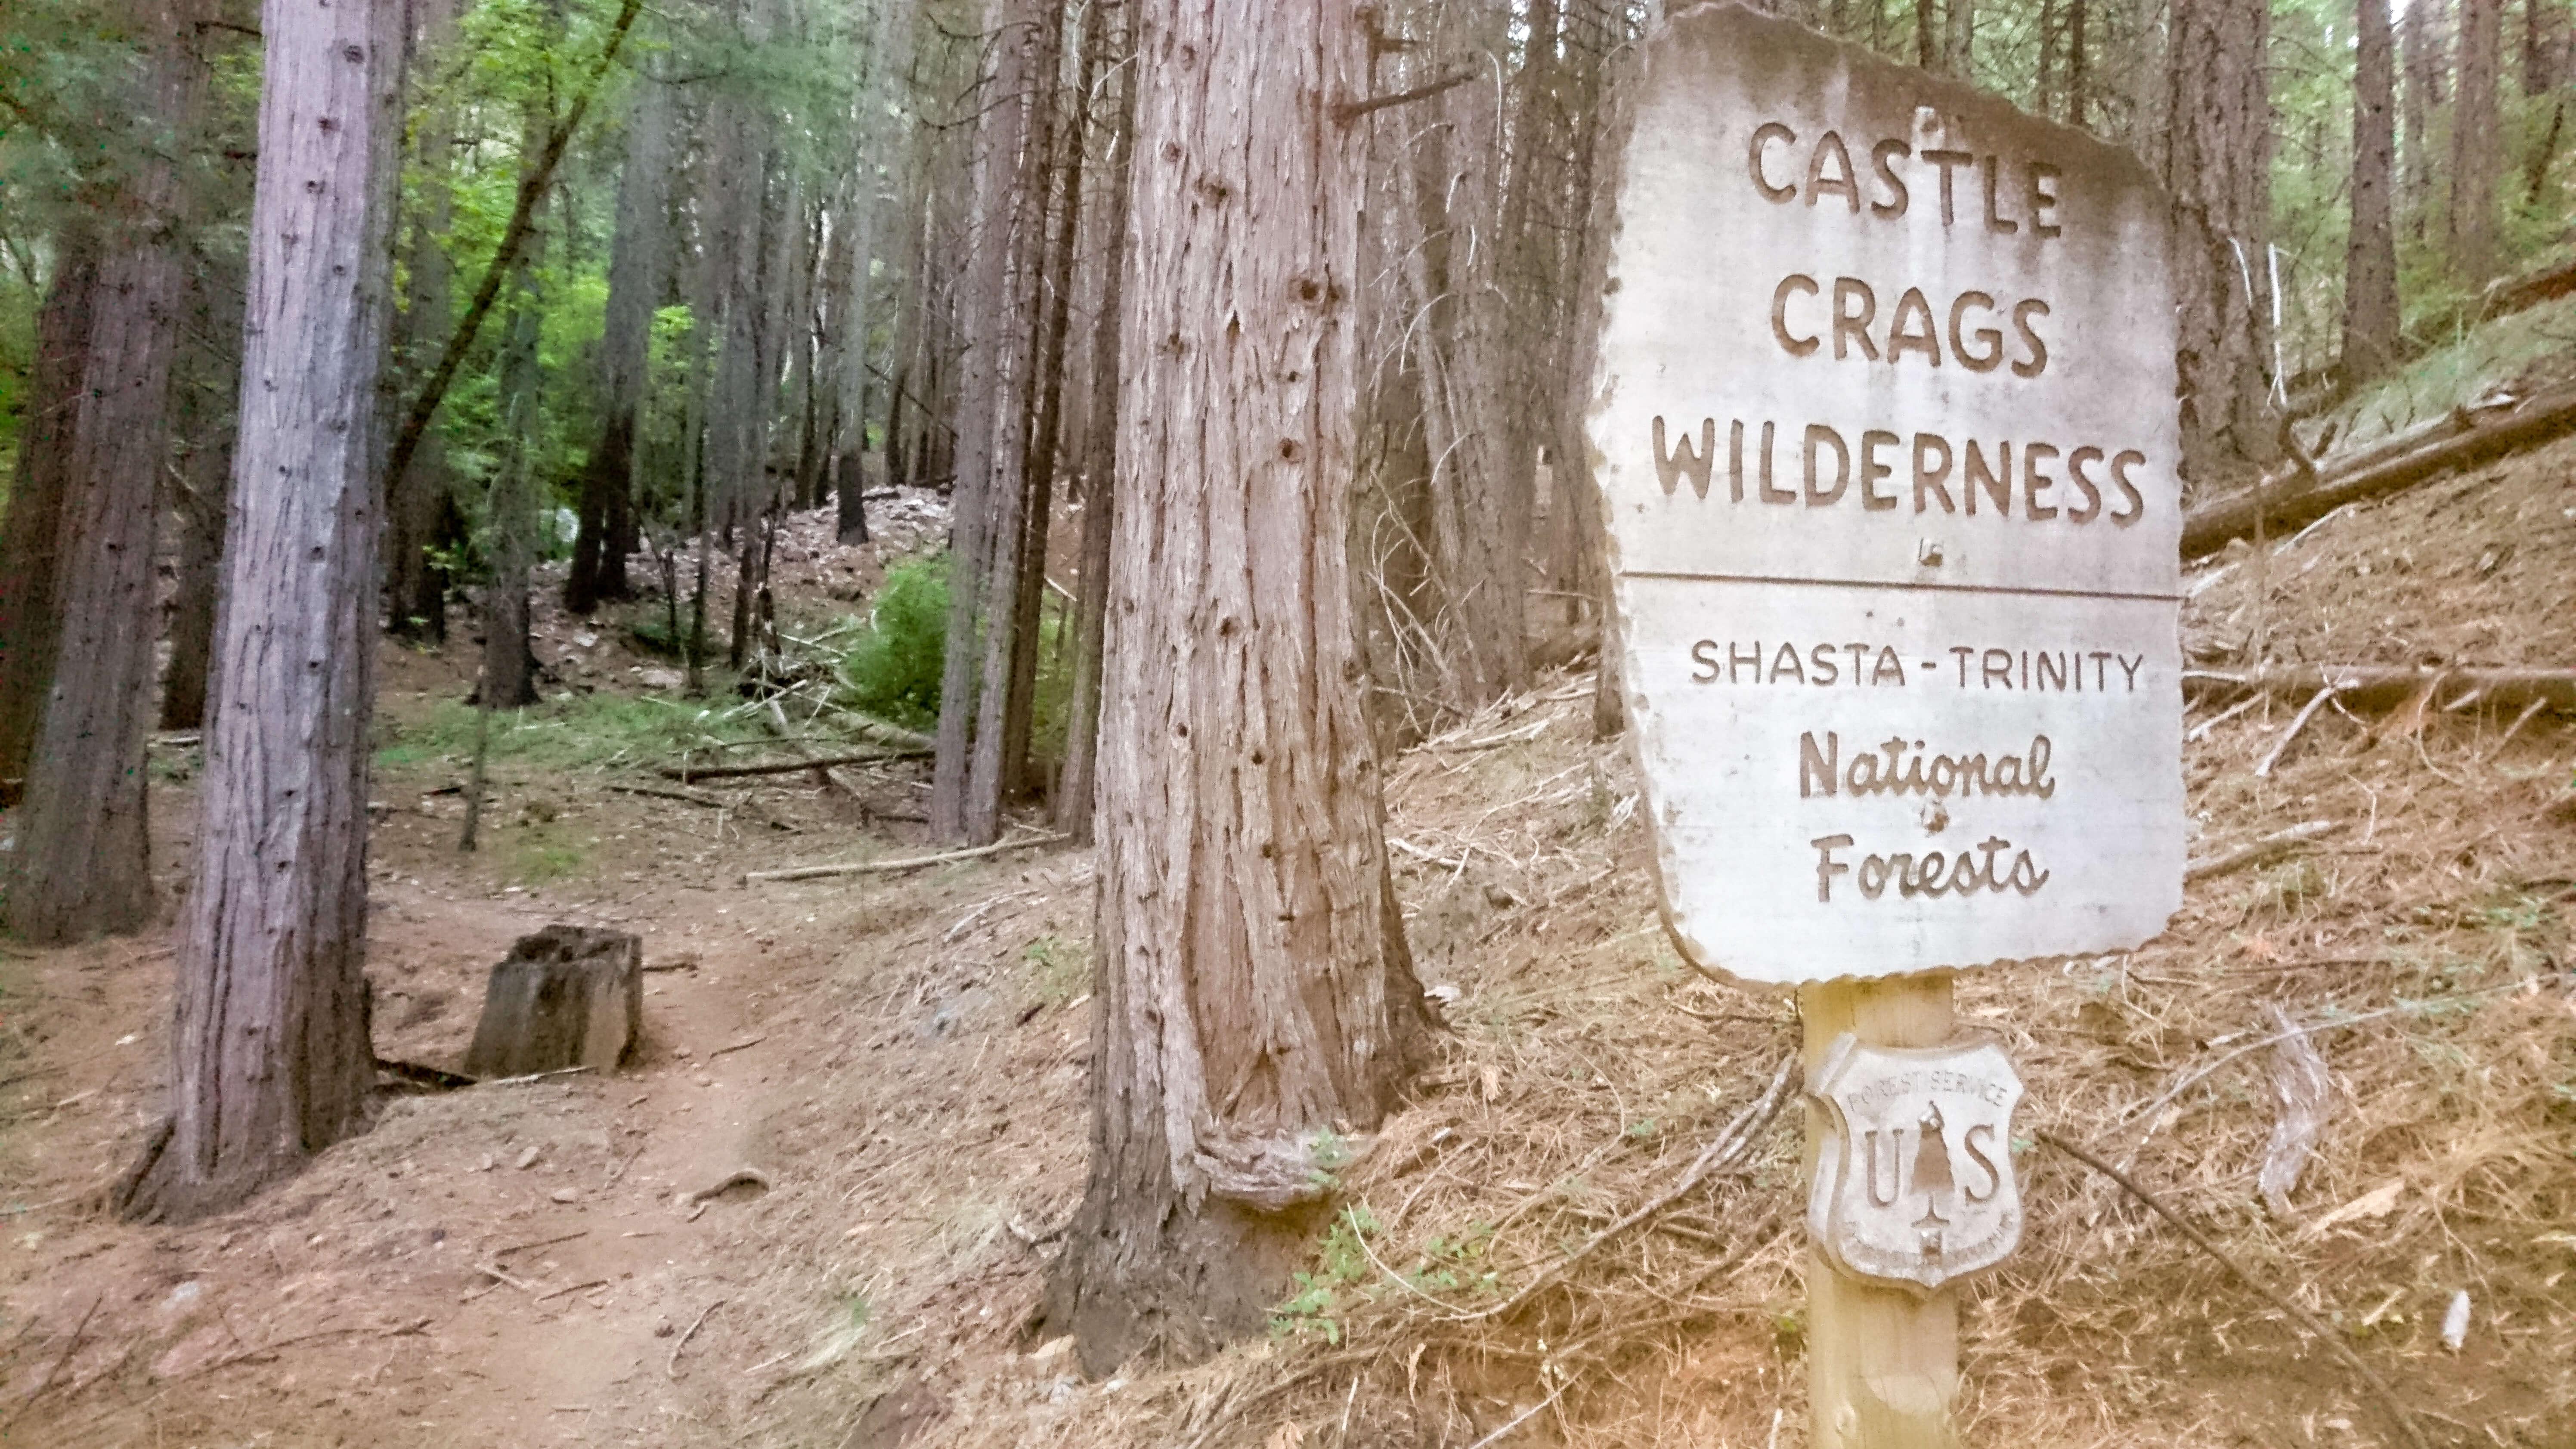 De retour sur le trail, à l'entrée de Castle Crags Wilderness